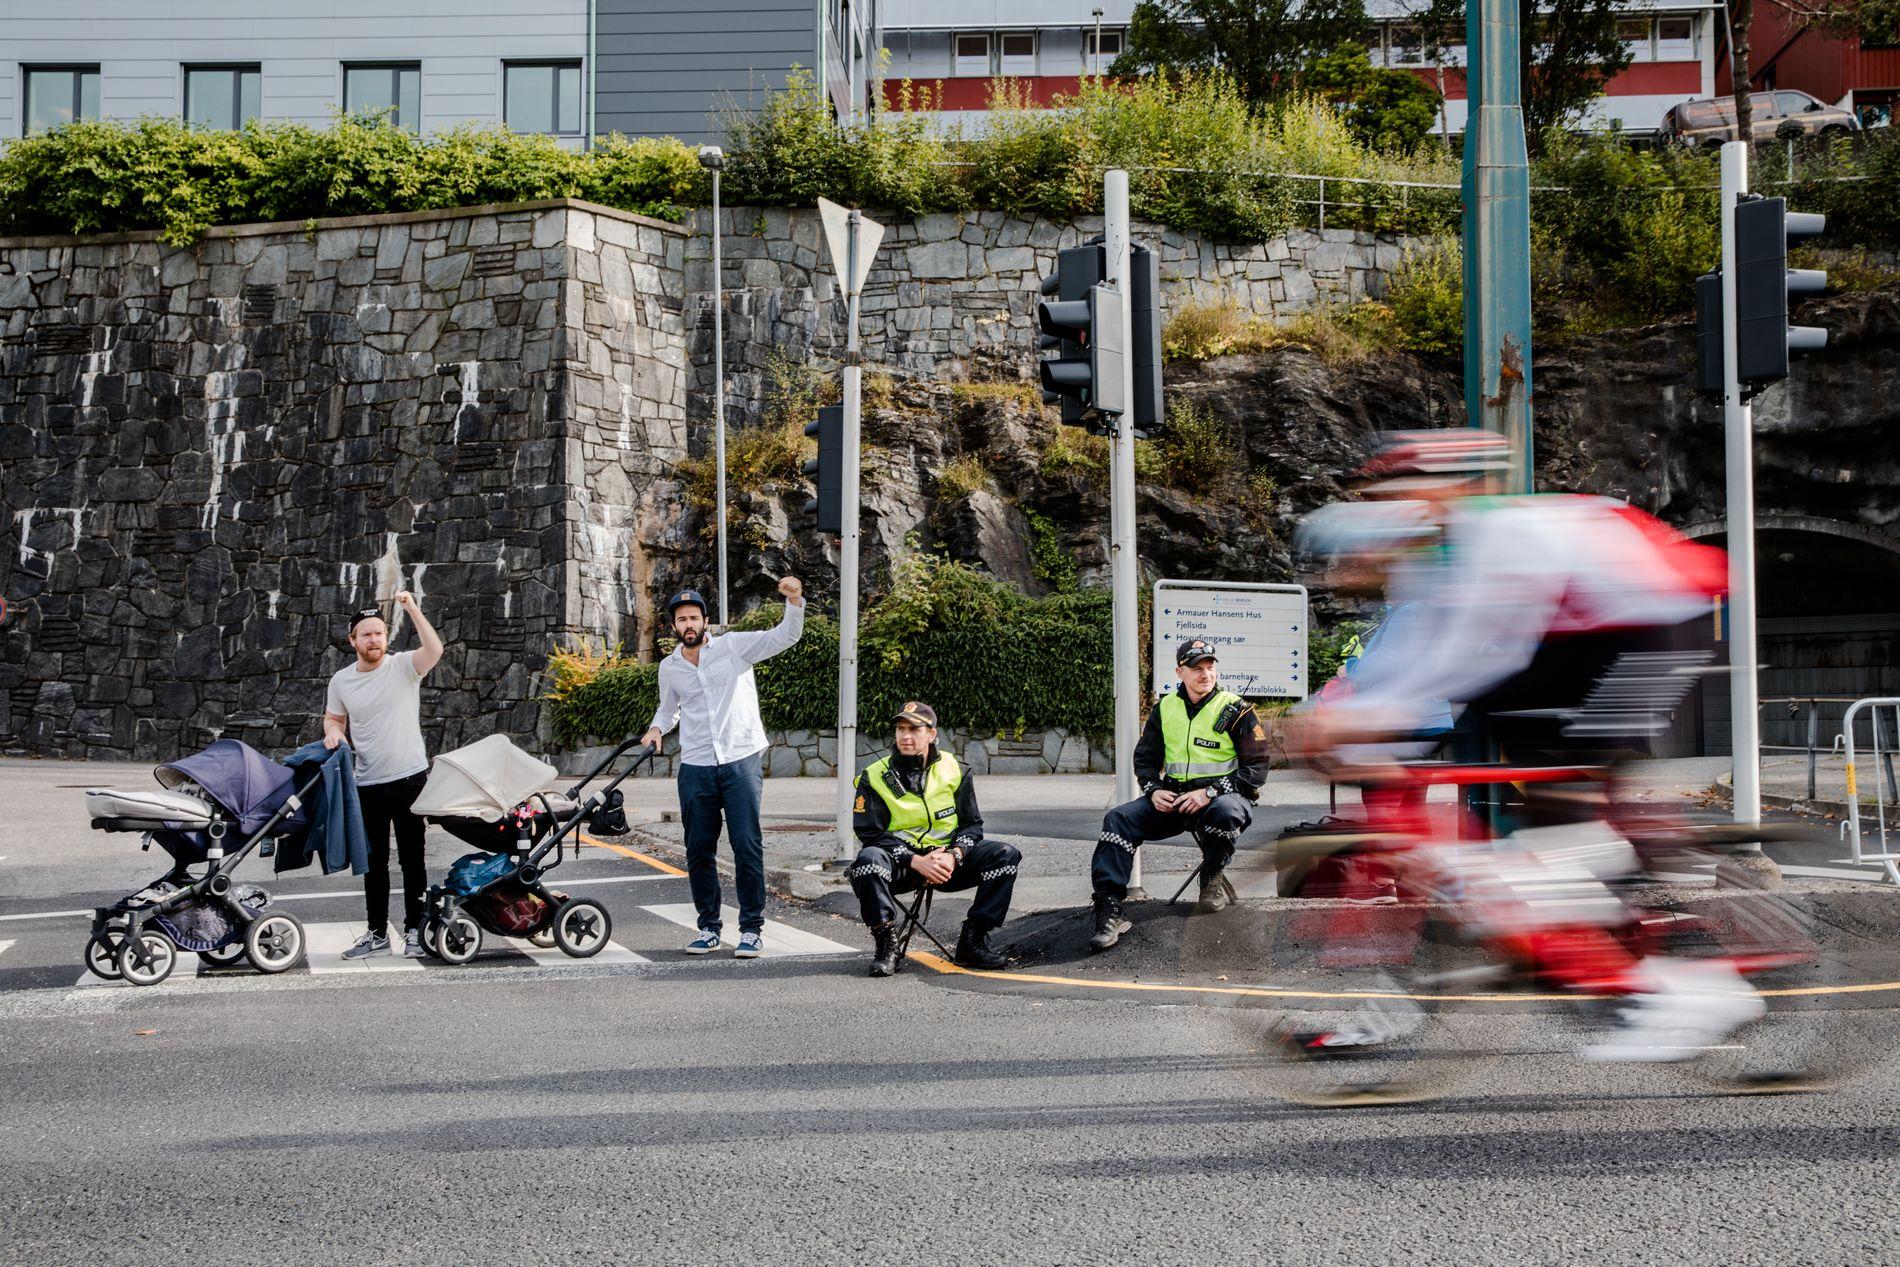 VALGETS KVAL: Valget av barnevogn er visstnok blant de viktigste valgene en kommende far kan ta. Her er to fedre med barnevogn under sykkel-VM i Bergen.